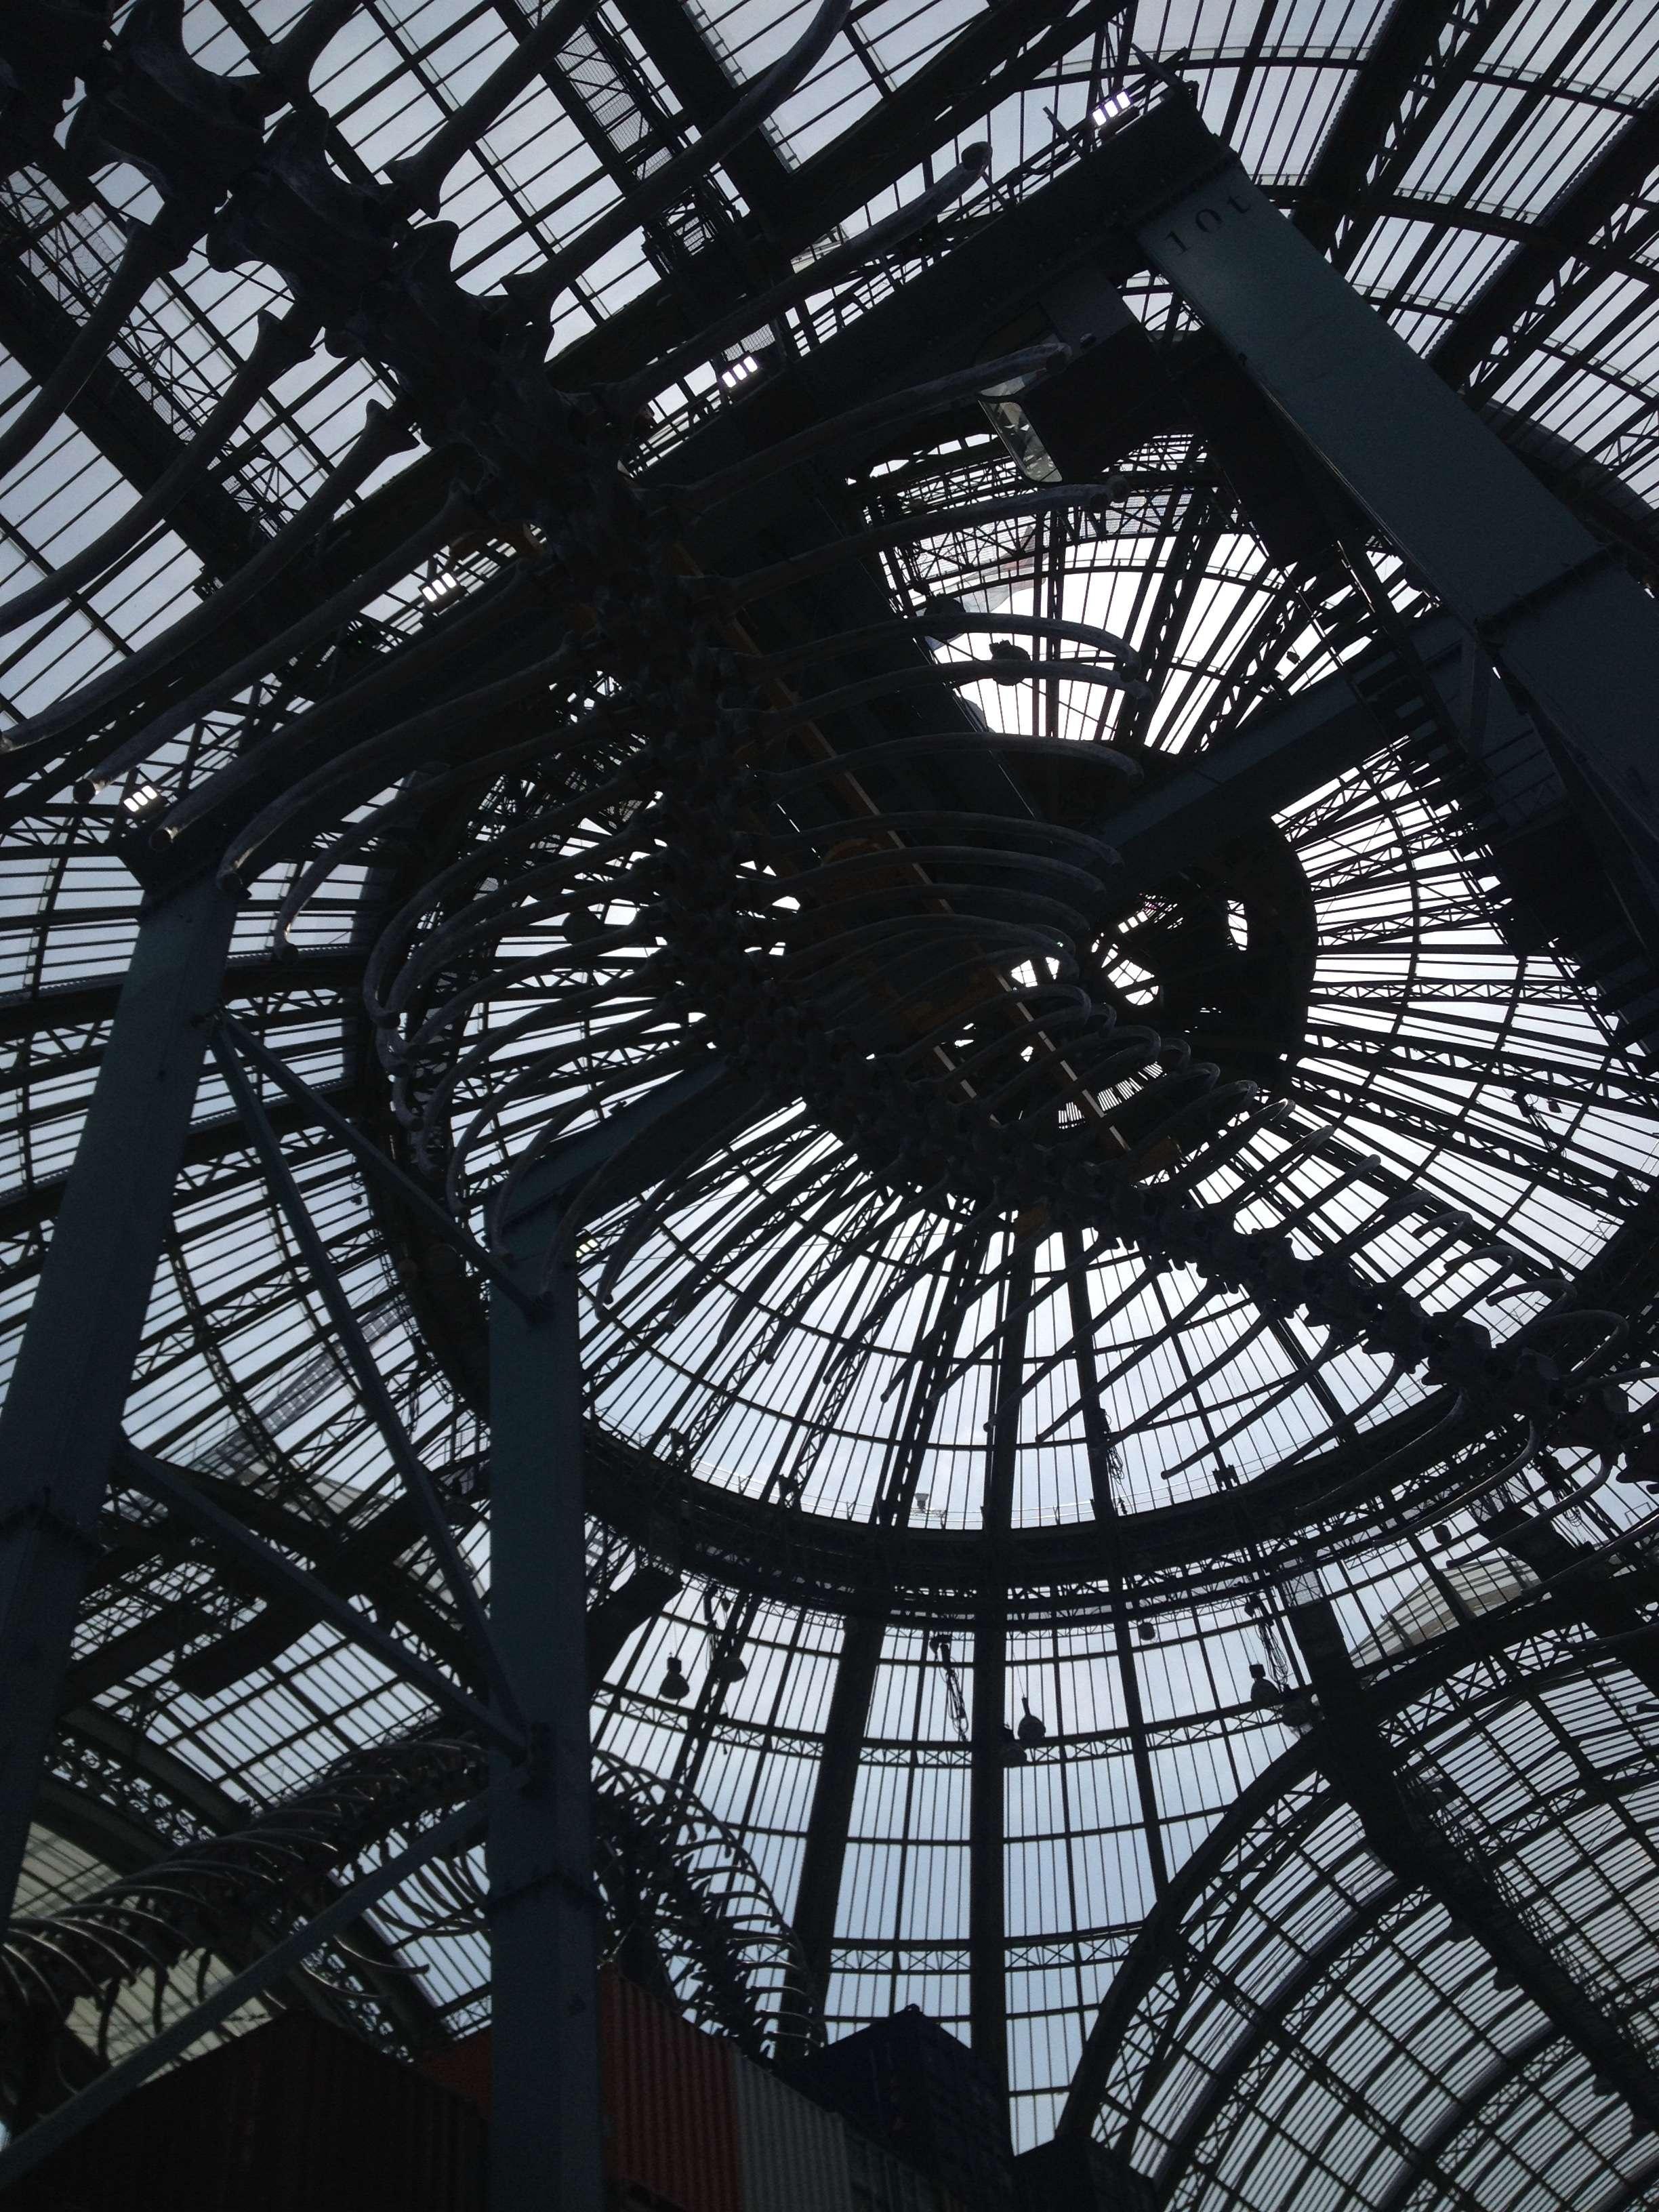 Cupola lui Grand Palais suba care se desfàsoarà uriasa operà a lui Huang Yong Ping